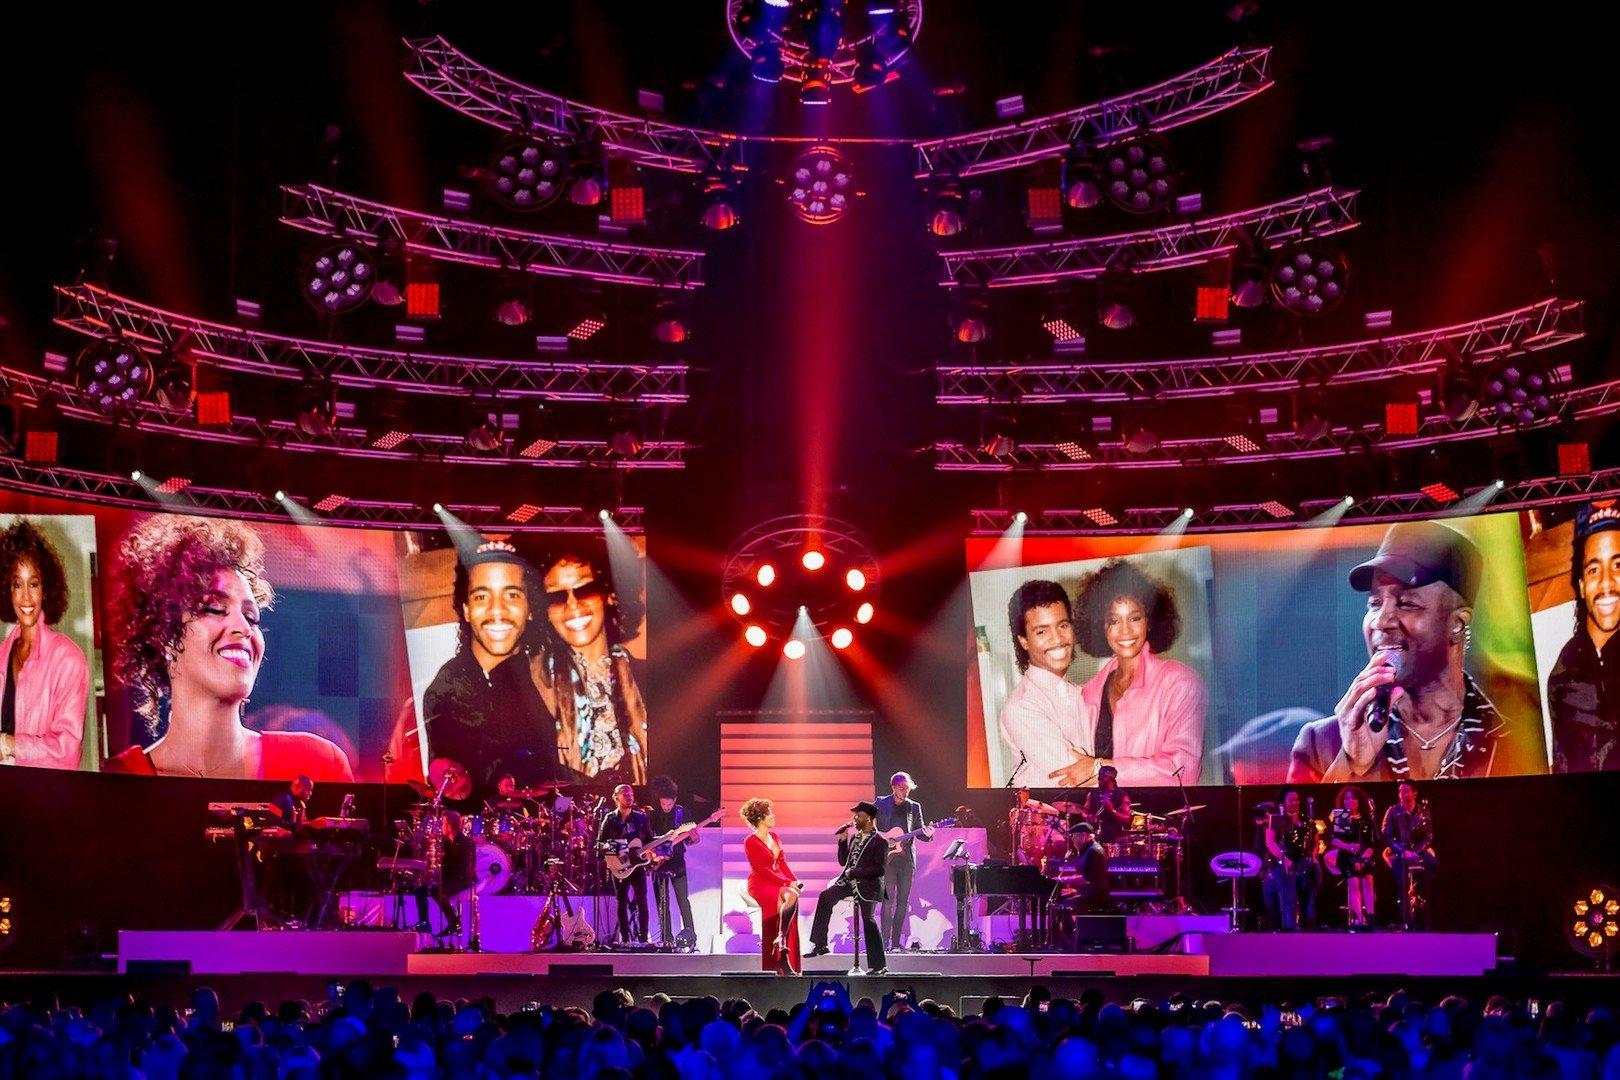 Glennis Grace eert Whitney Houston met groots concert in Lotto Arena Antwerpen - Glenny Grace 2